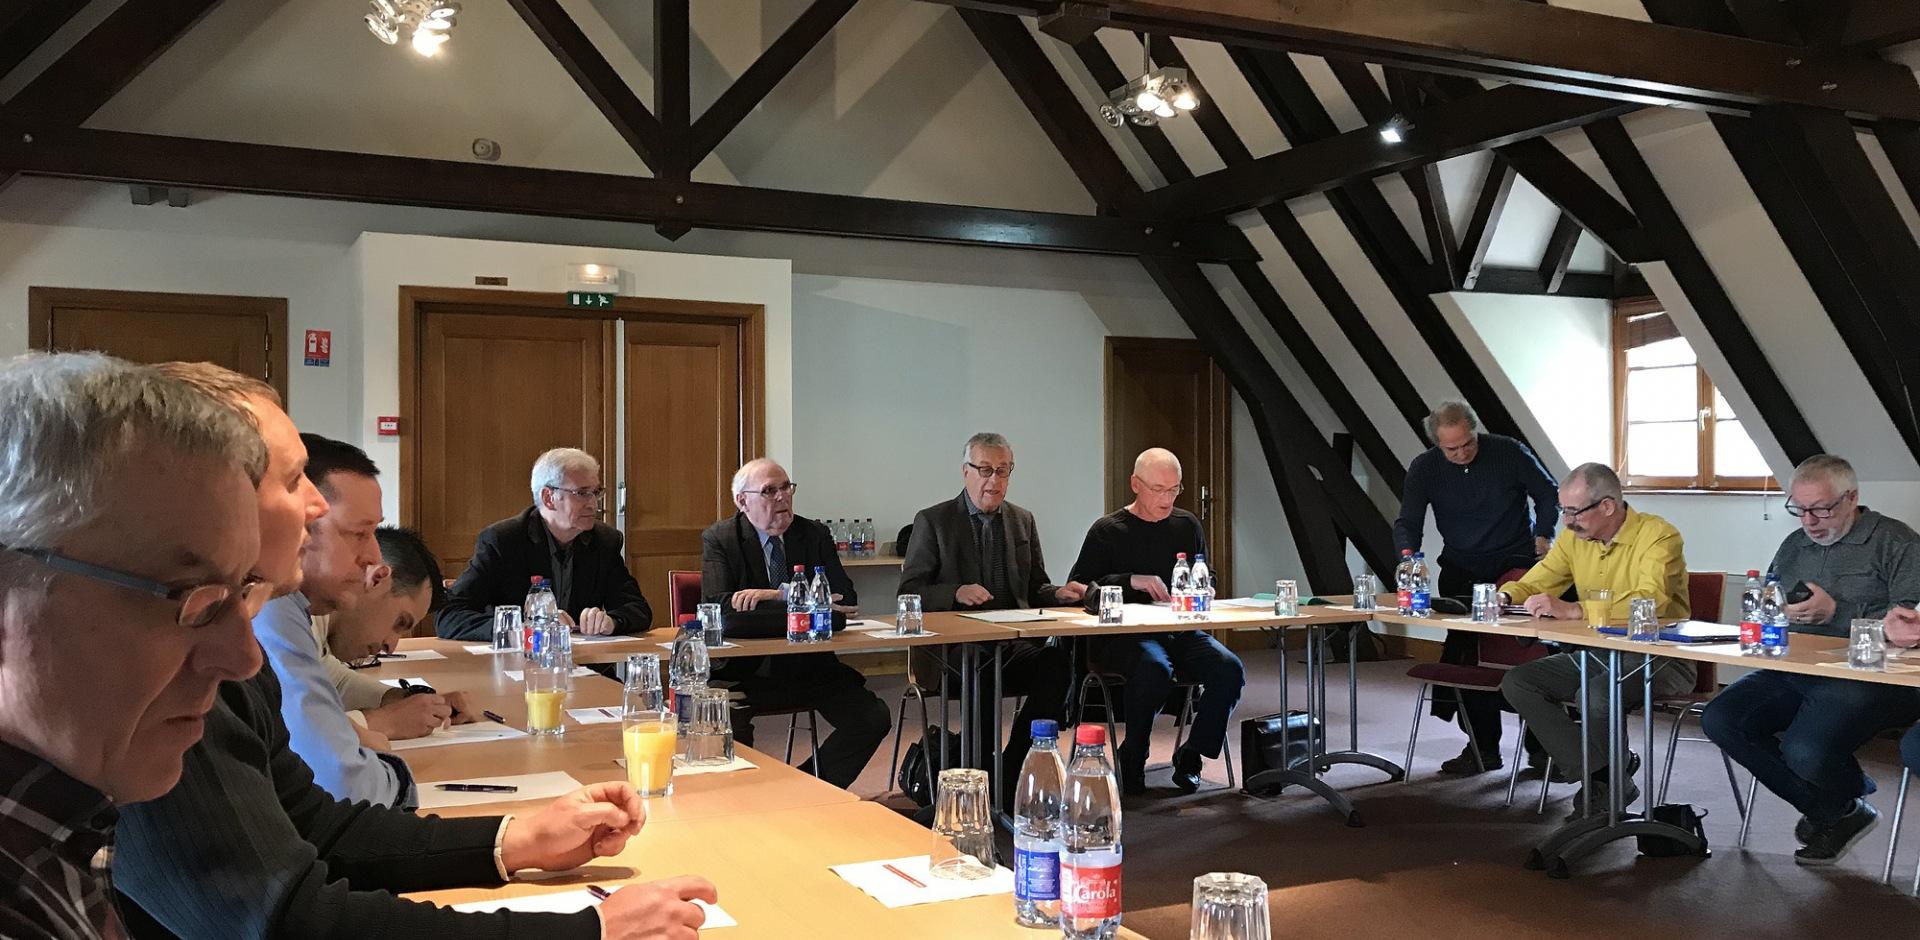 Besprechung der ehrenamtlichen Mitarbeiter der Sektion AEI des CMNHWK (dt. Empfang, Instandhaltung und Information)